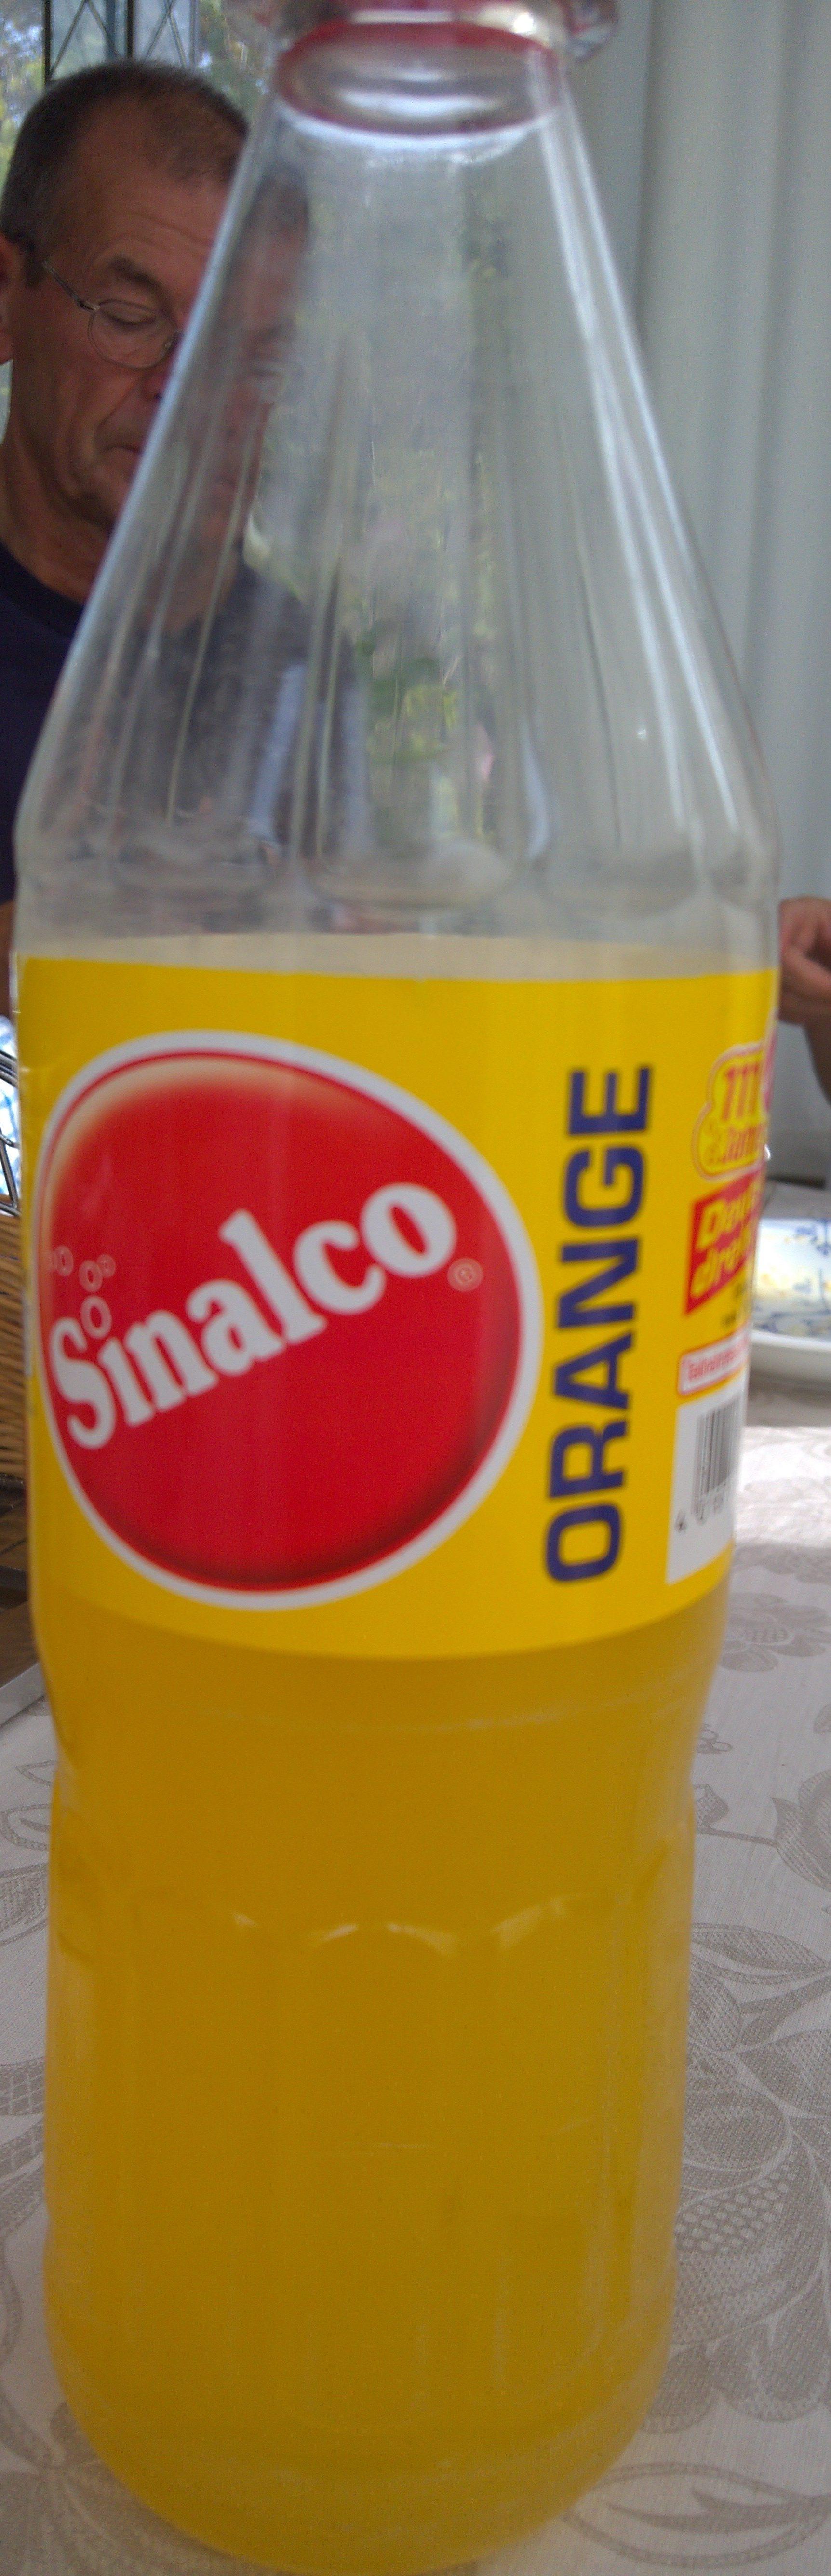 Sinalco Orange - Product - fr